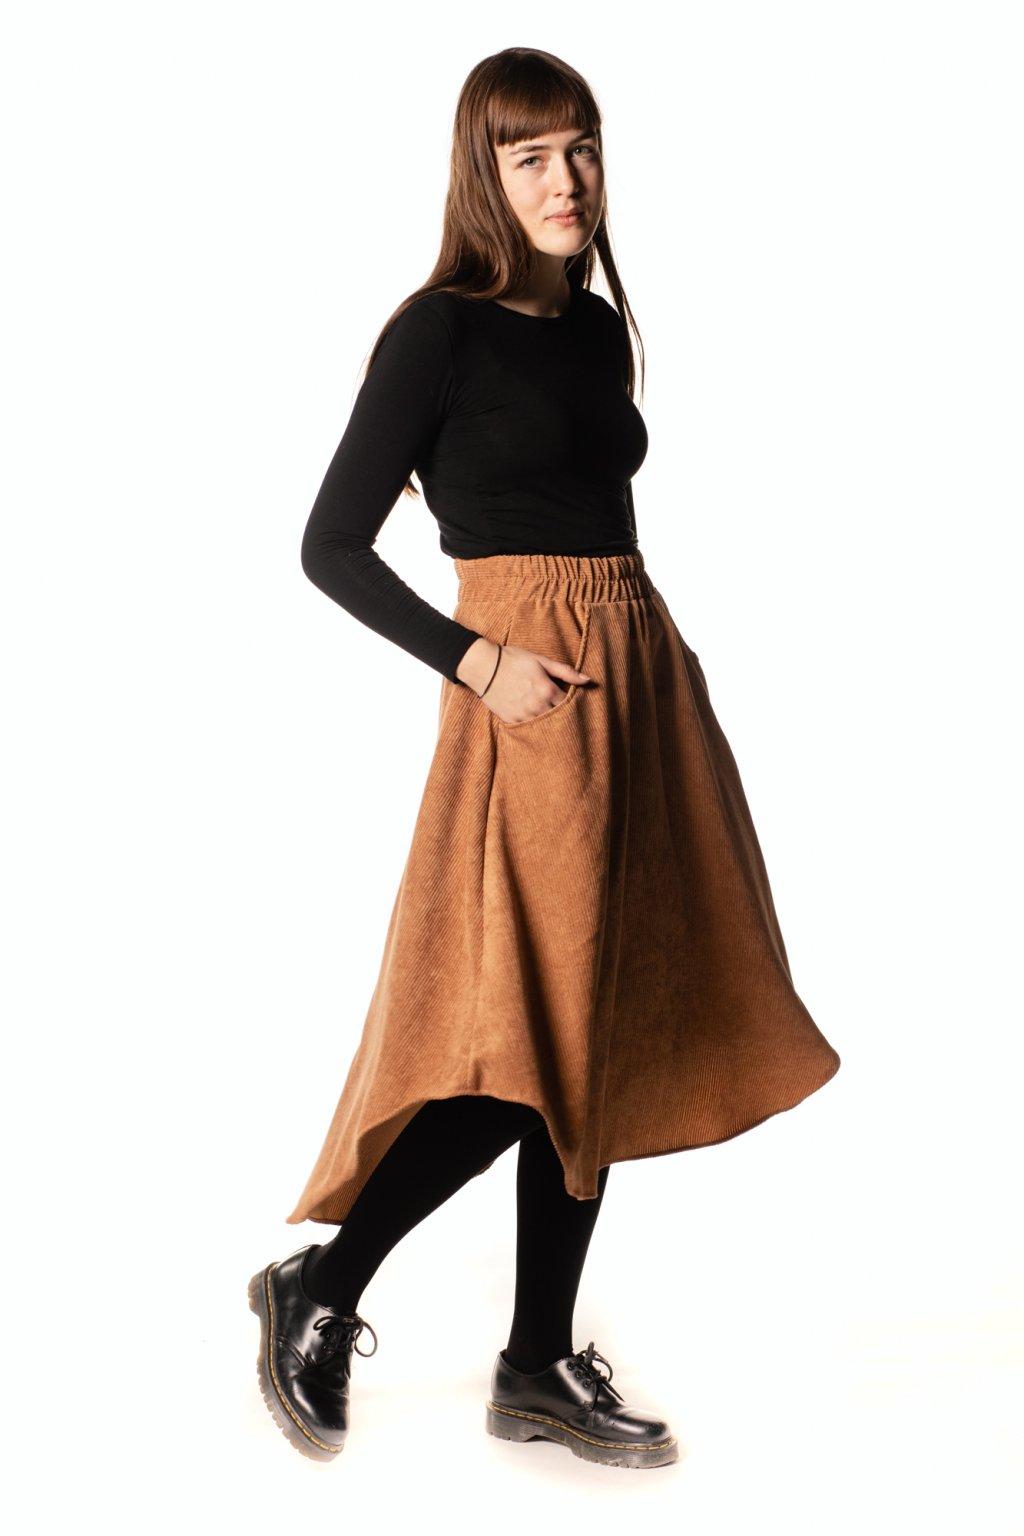 ORANŽOVO-HNĚDÁ asymetrická sukně (manšestr klasický)